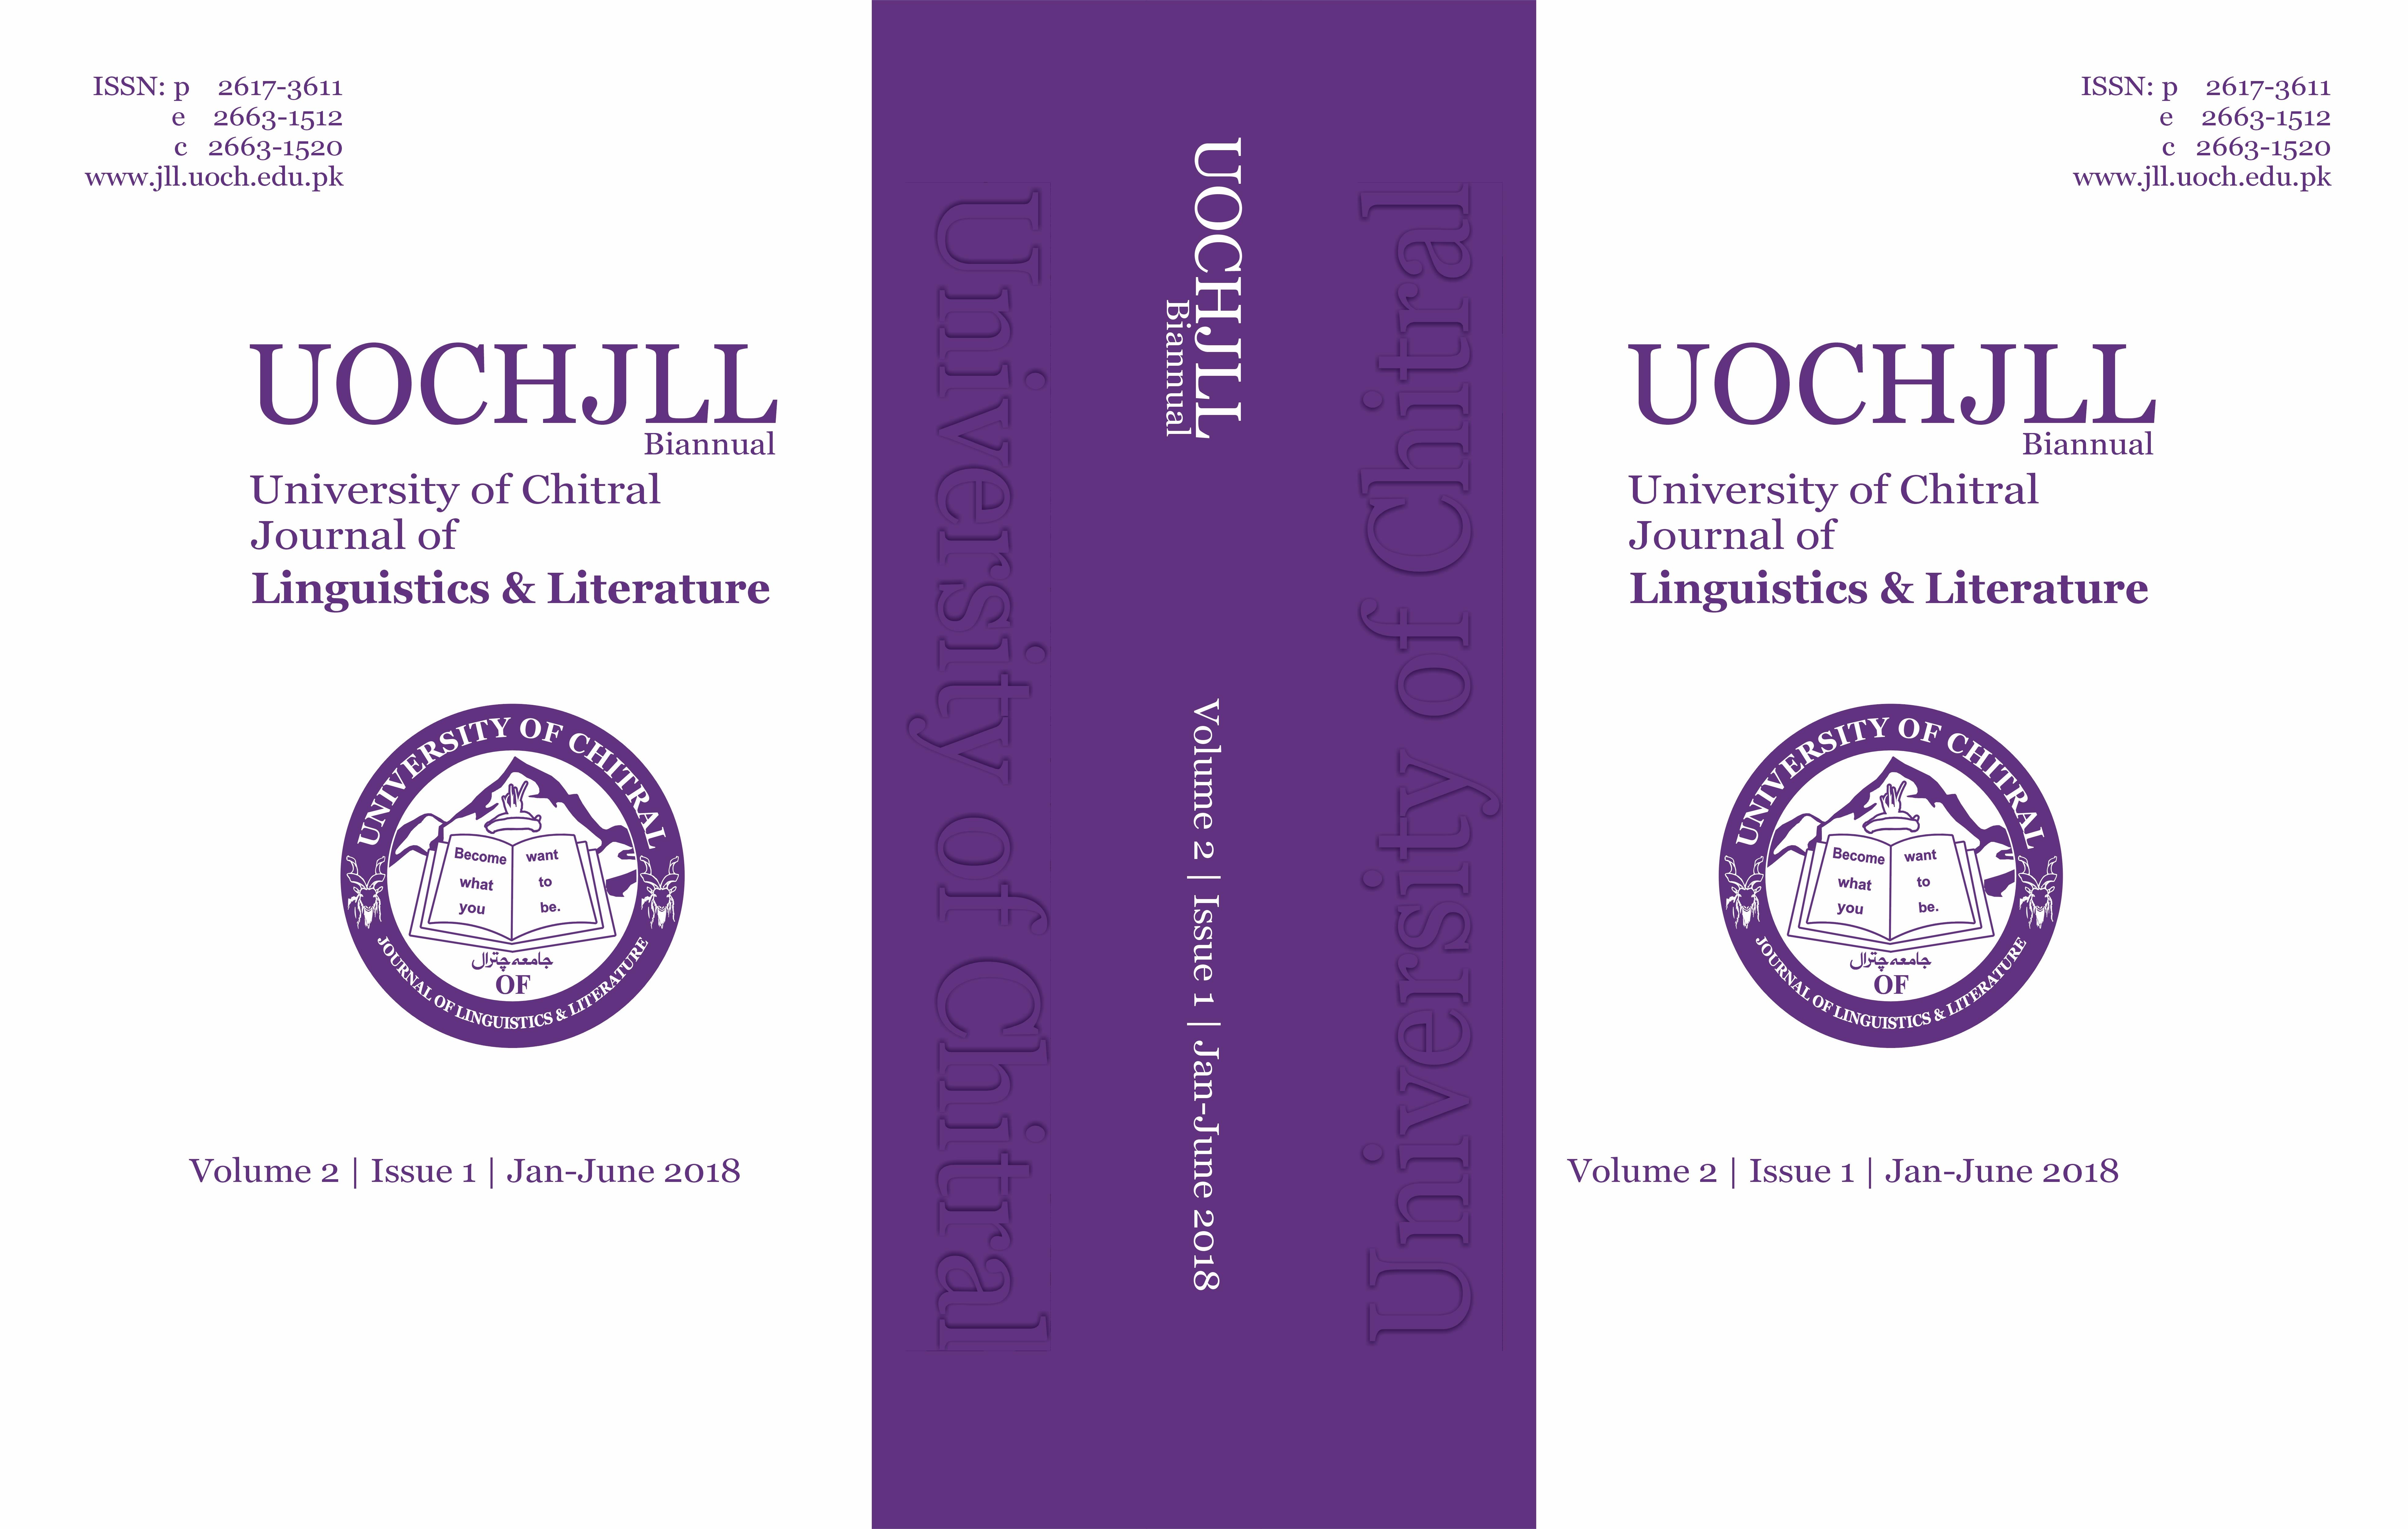 UOCHJLL Volum 2 | Issue I| 2018